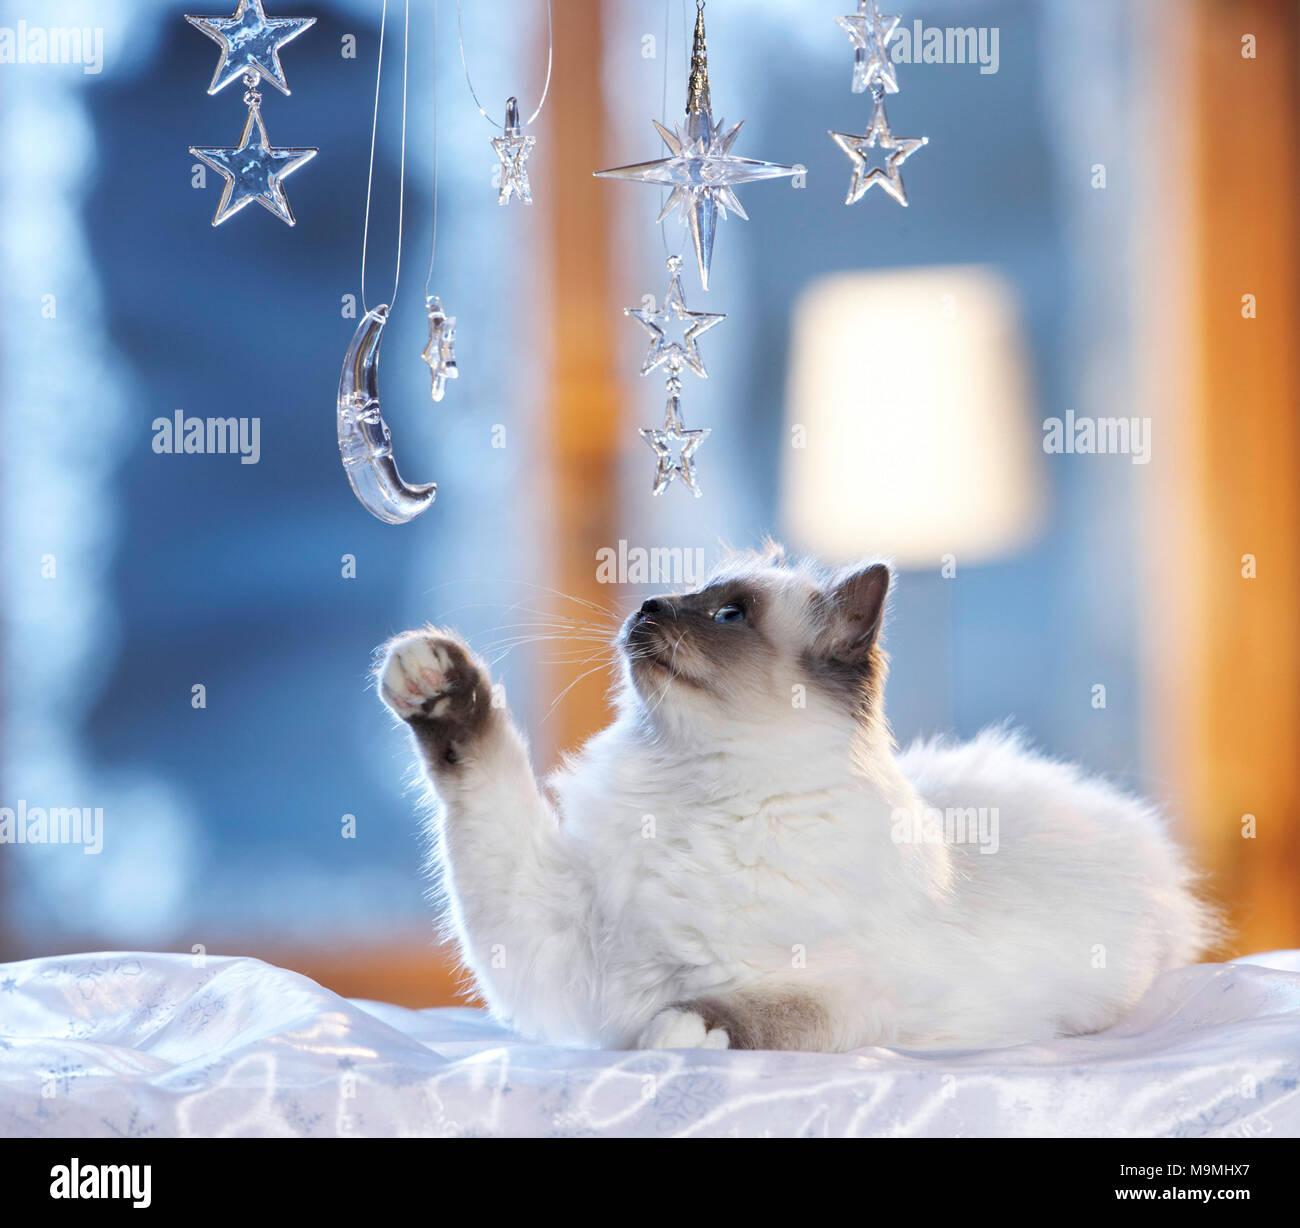 Noël: chat sacré de Birmanie à jouer avec la lune et les étoiles en verre fenêtre décorée dans une ambiance festive. Allemagne Photo Stock